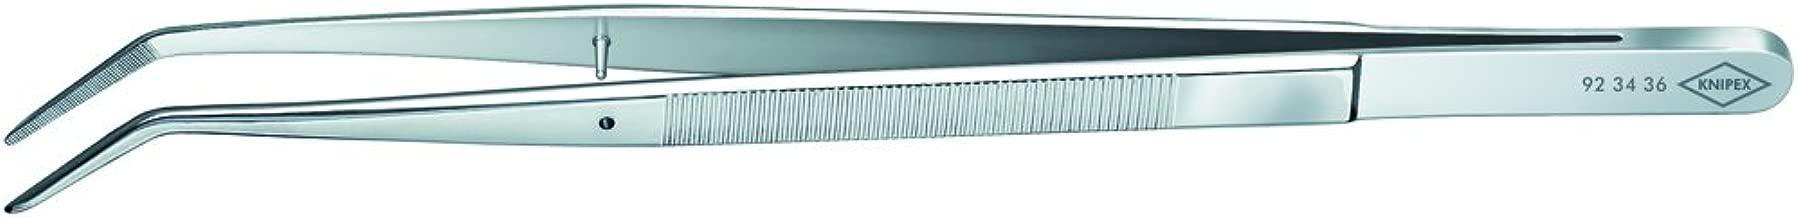 Pinzas de acero inoxidable de 7 pulgadas con punta curva serrada de Sourcingmap